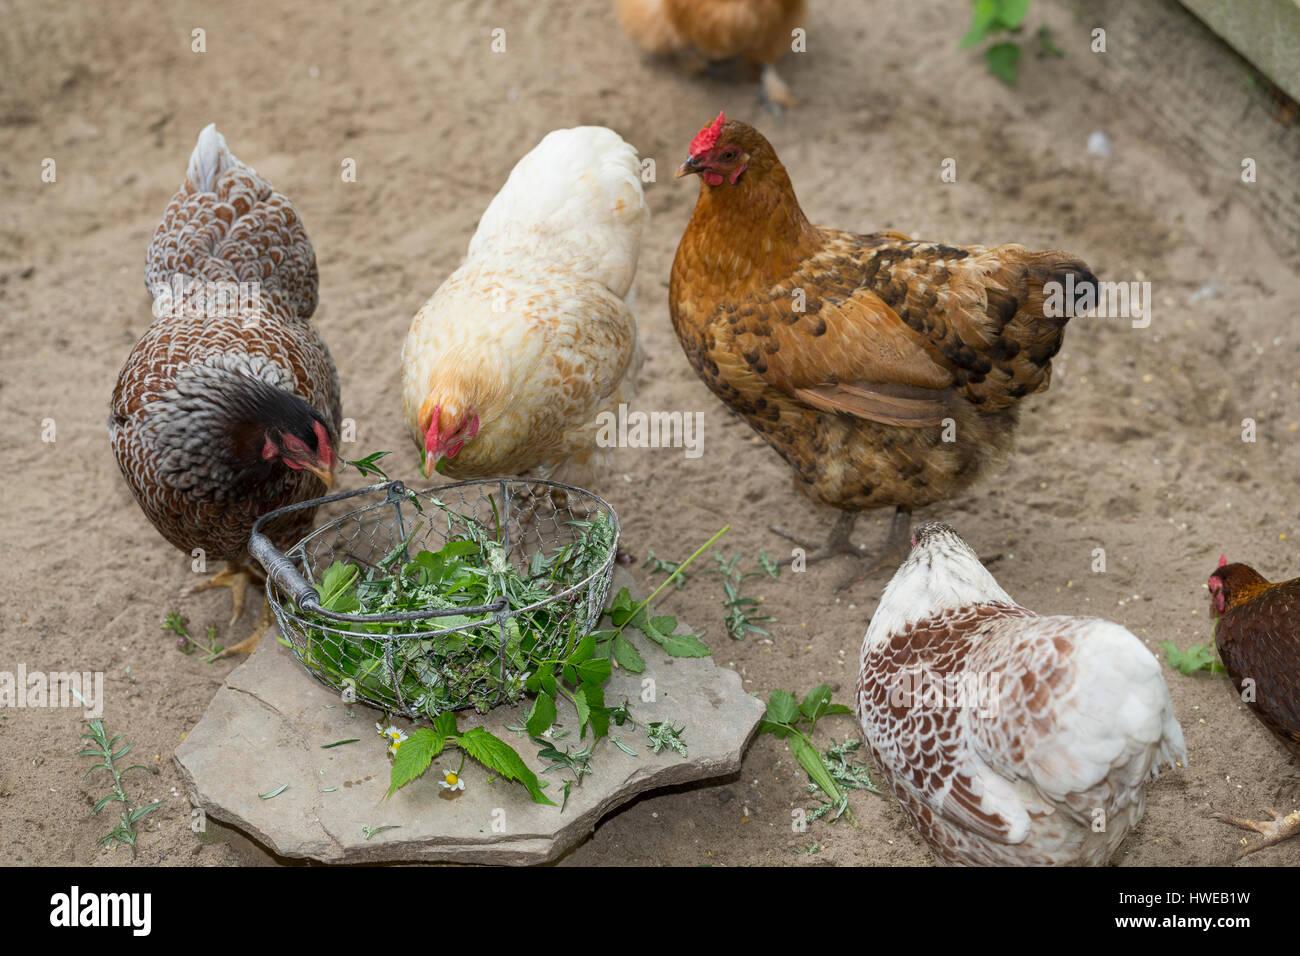 Wildkräuter für Hühner, Hühner fressen geerntete Kräuter. Spitz-Wegerich, Gänseblümchen, Photo Stock